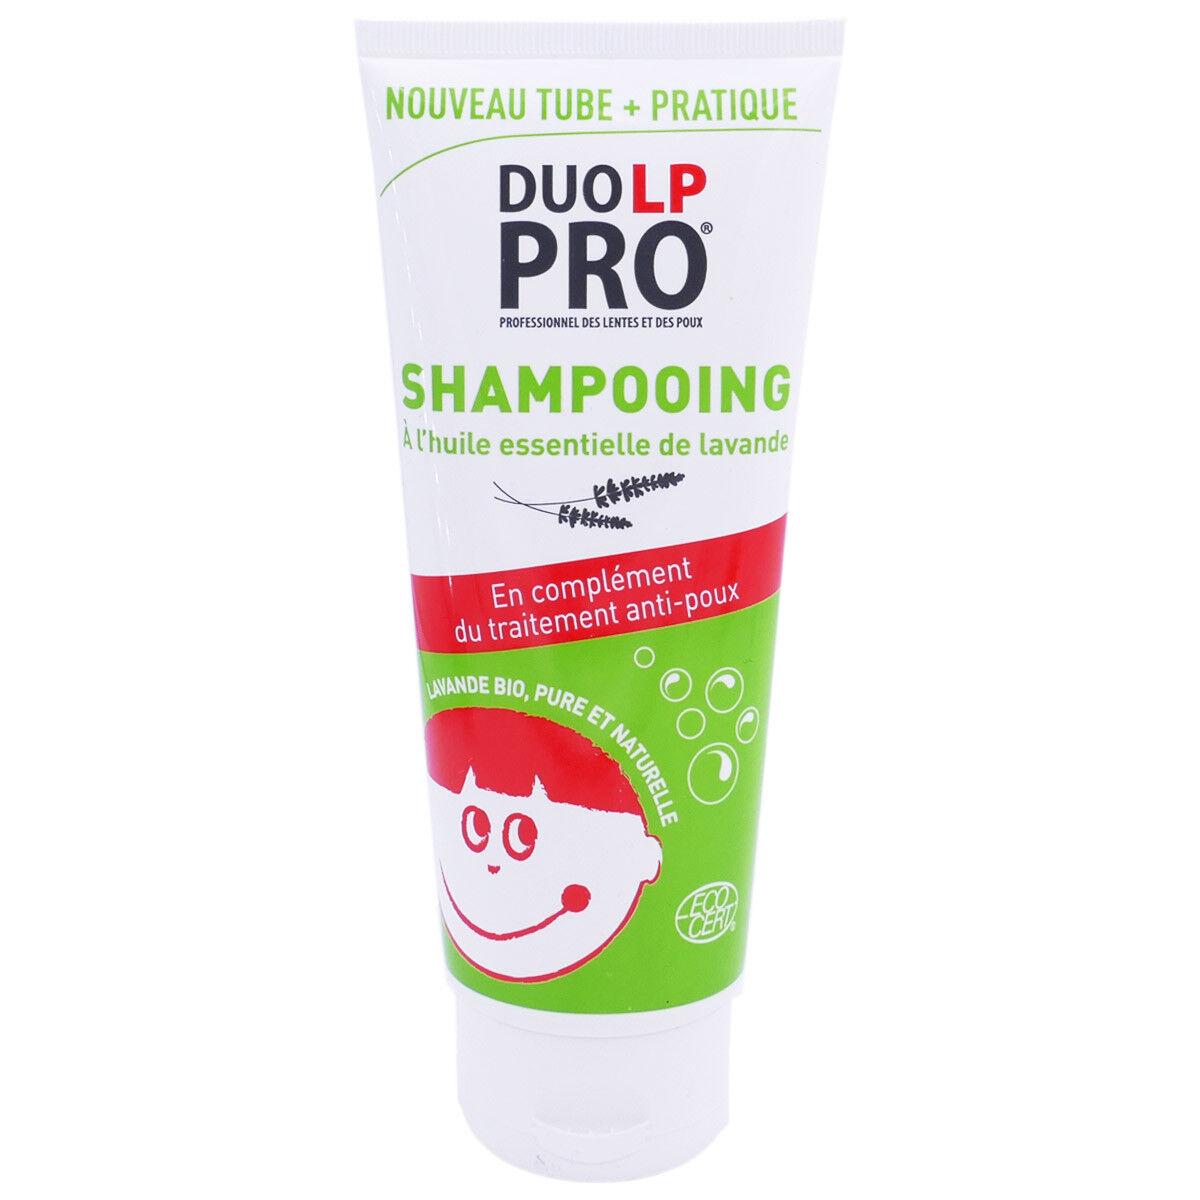 Duo lp pro shampooing a l'huile essentielle de lavande 200ml